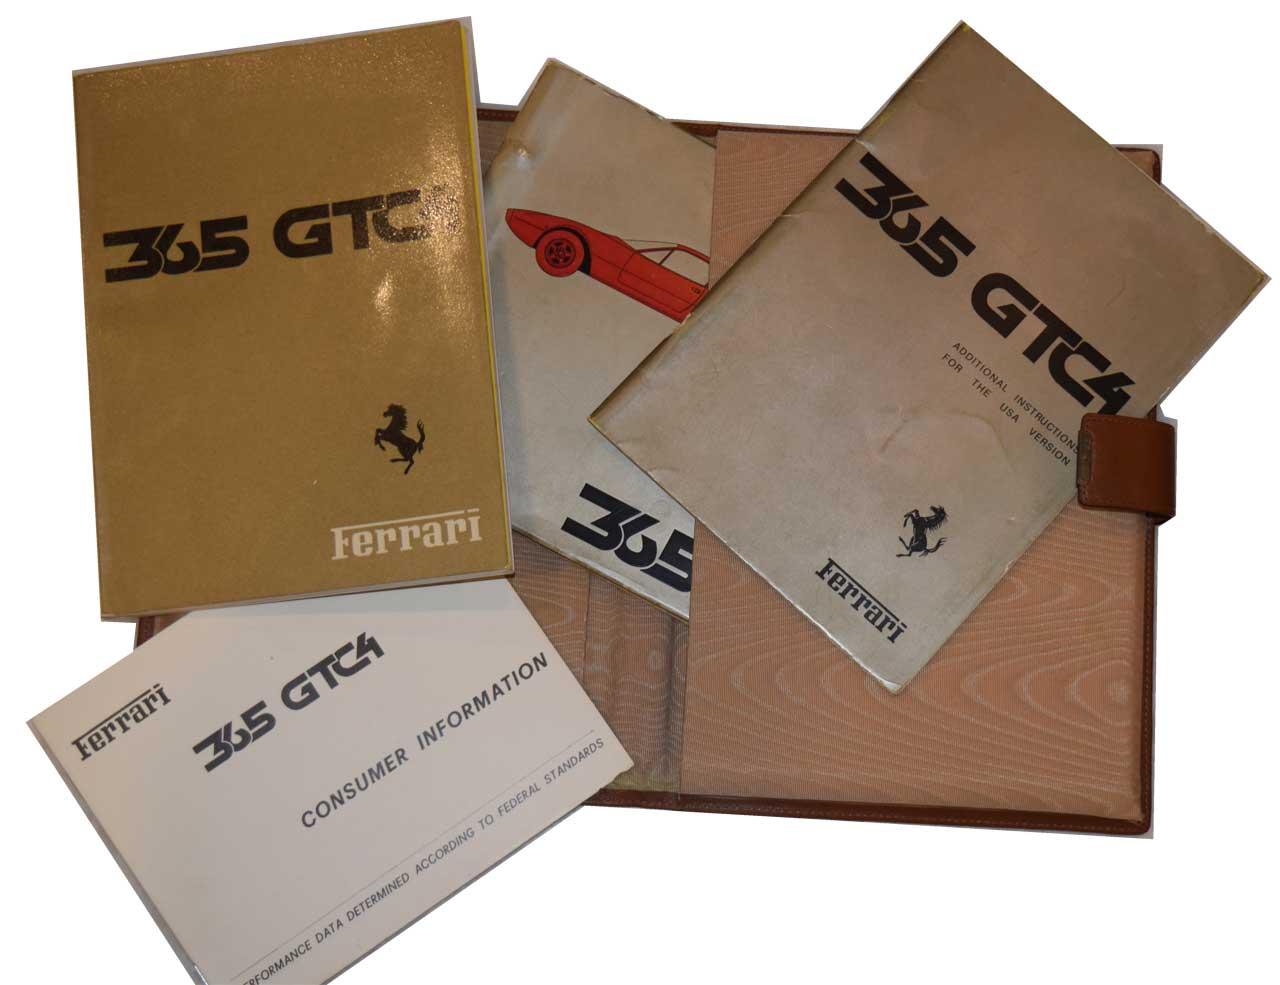 Gtc Paint Data Sheet